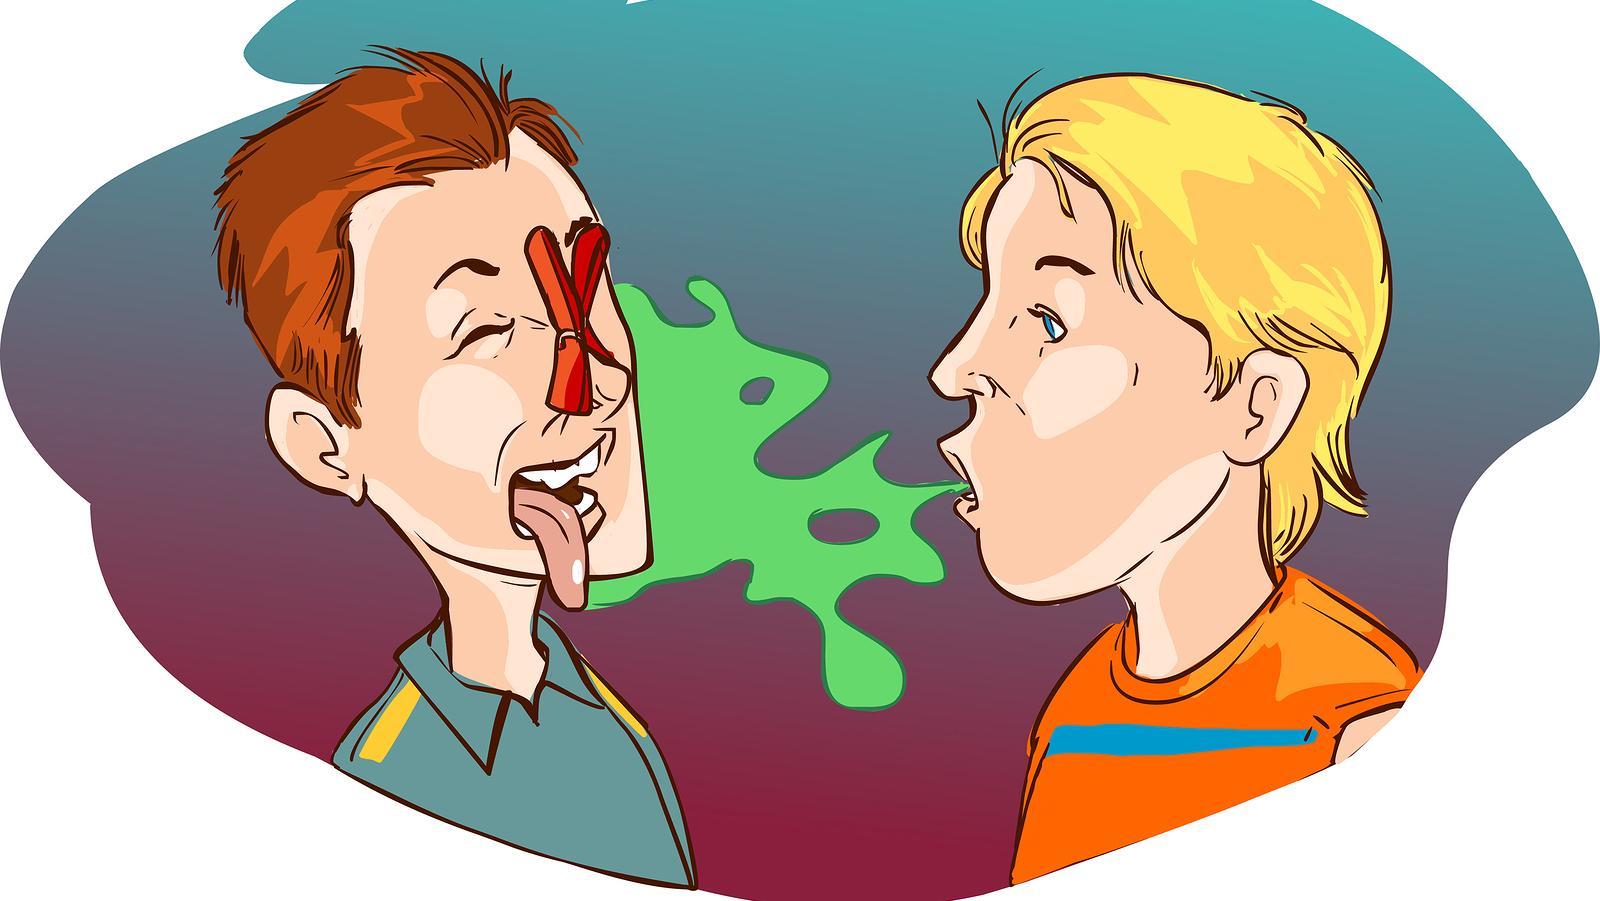 emésztés rossz lehelet Féreggyógyszerek gyermekek számára fórum